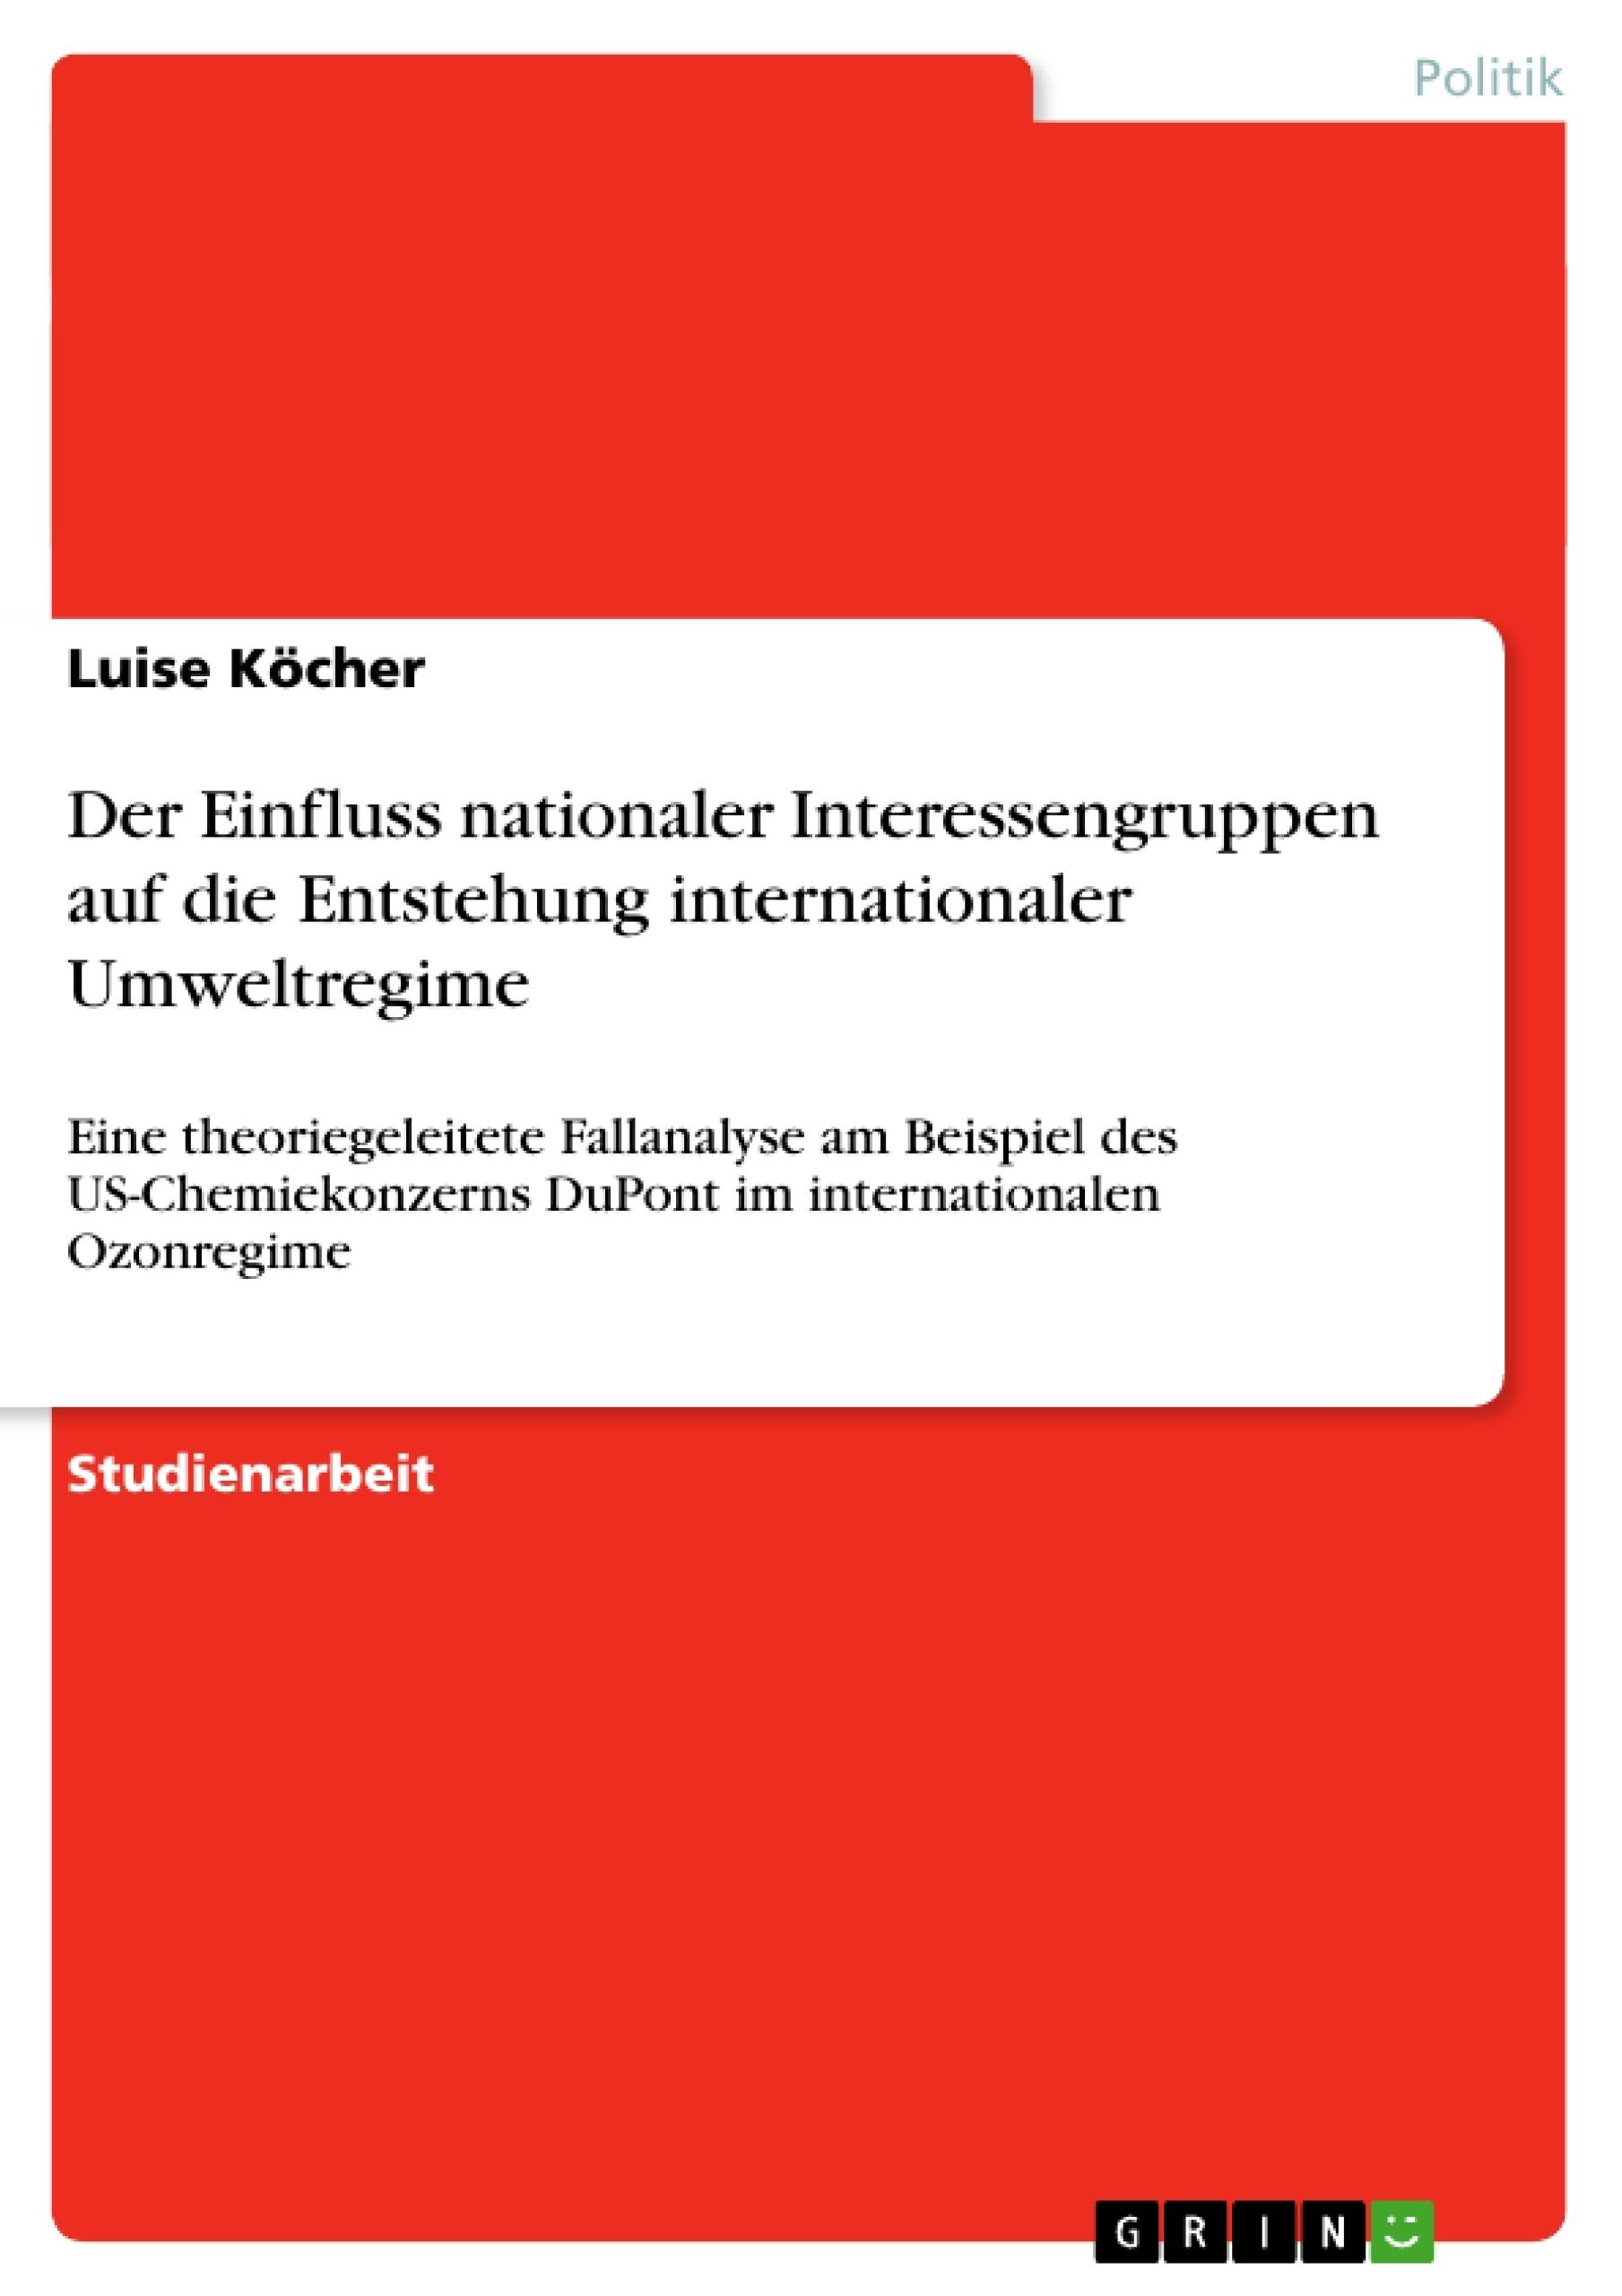 Titel: Der Einfluss nationaler Interessengruppen auf die Entstehung internationaler Umweltregime